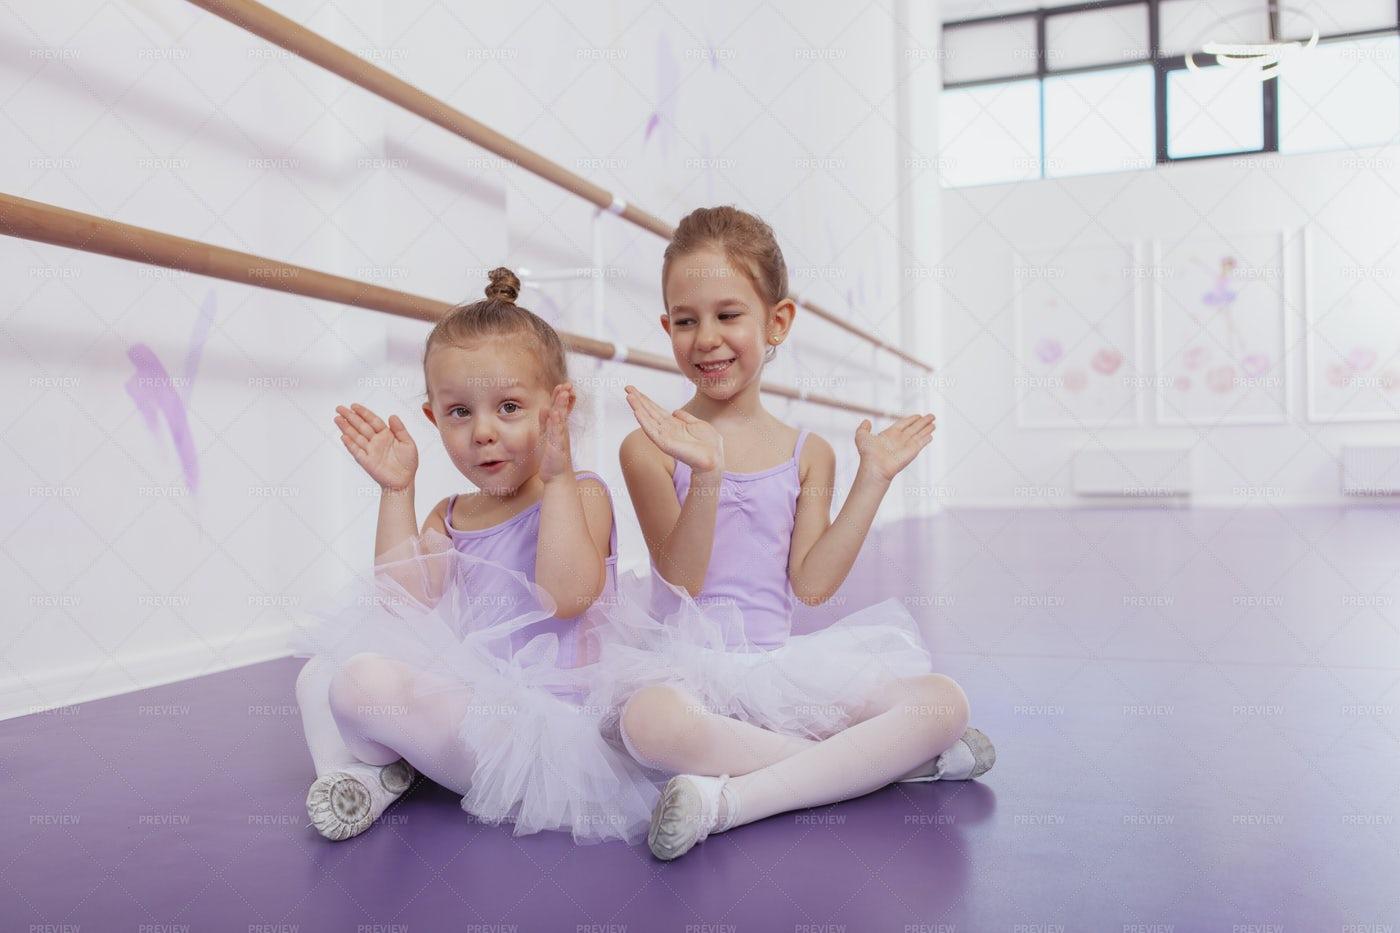 Clapping Ballerinas In The Studio: Stock Photos